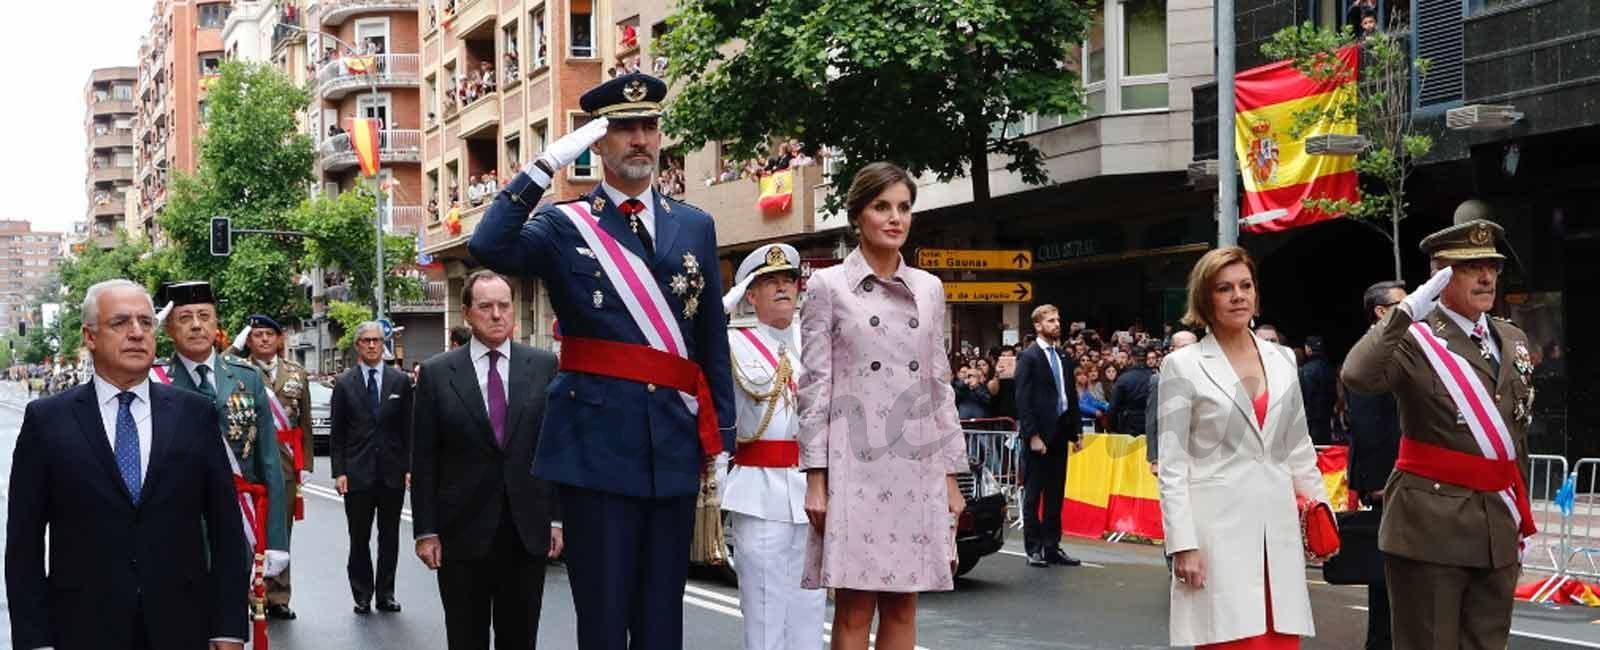 Los Reyes presiden el desfile con motivo del Día de las Fuerzas Armadas